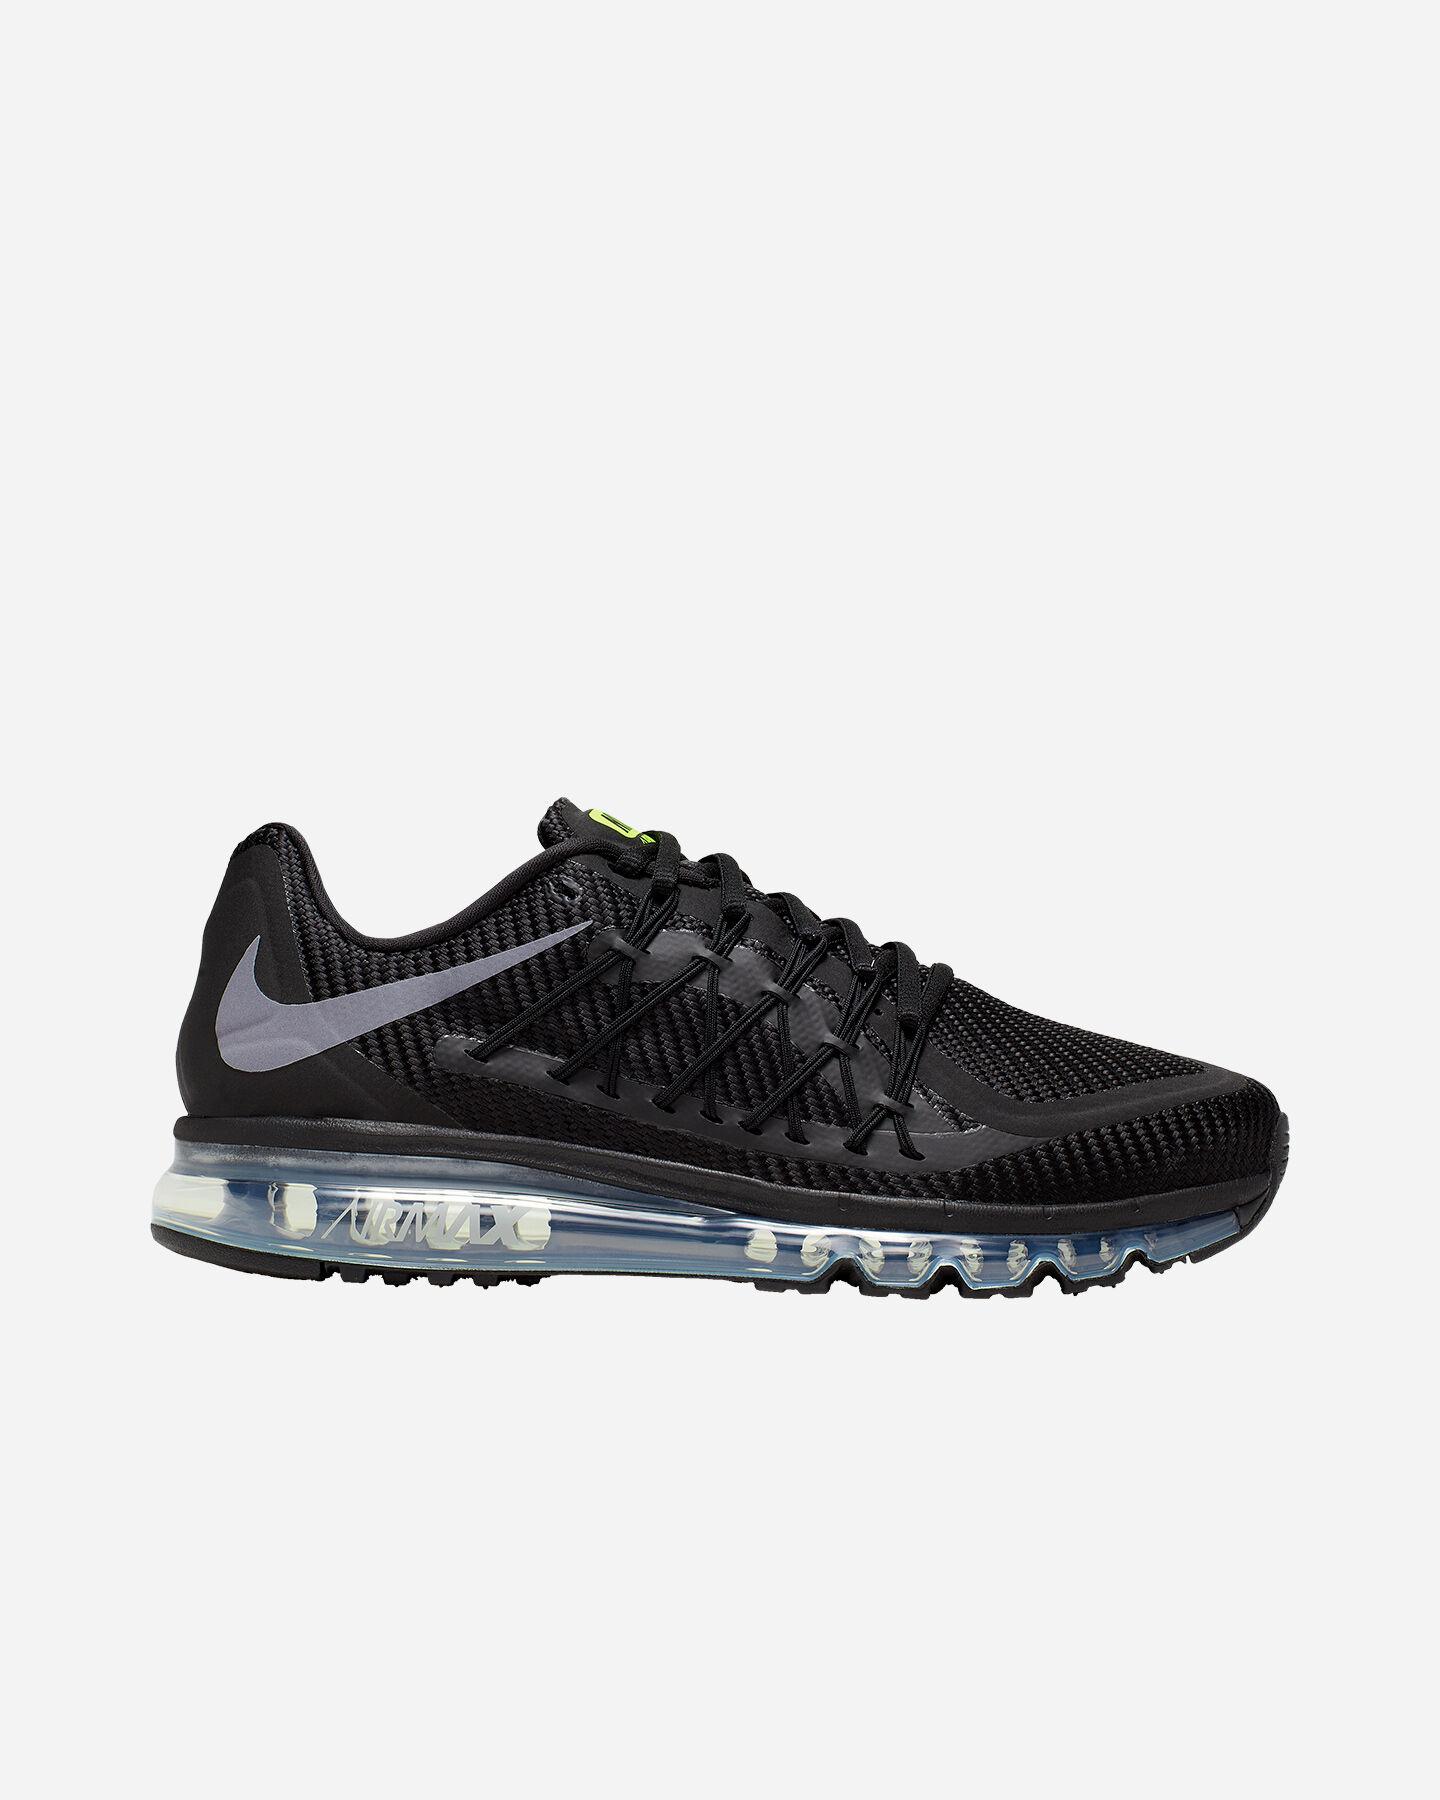 Collezione Nike Air Max: scarpe uomo e donna | Cisalfa Sport  dN67Nx